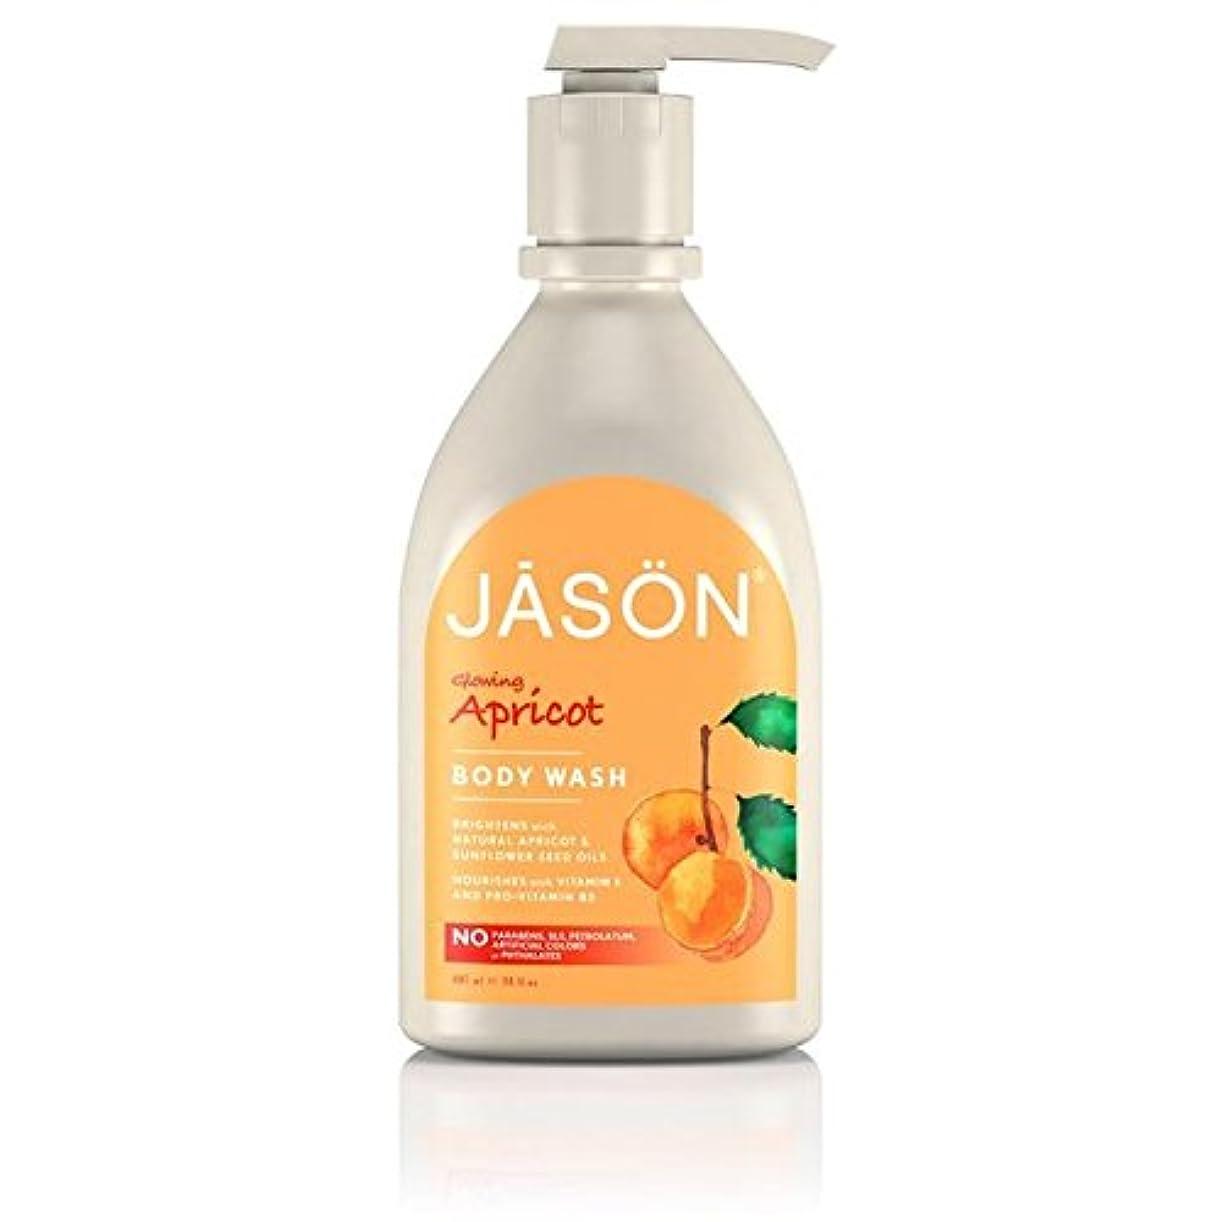 芸術生まれスキルJason Apricot Satin Body Wash Pump 900ml (Pack of 6) - ジェイソン?アプリコットサテンボディウォッシュポンプ900ミリリットル x6 [並行輸入品]